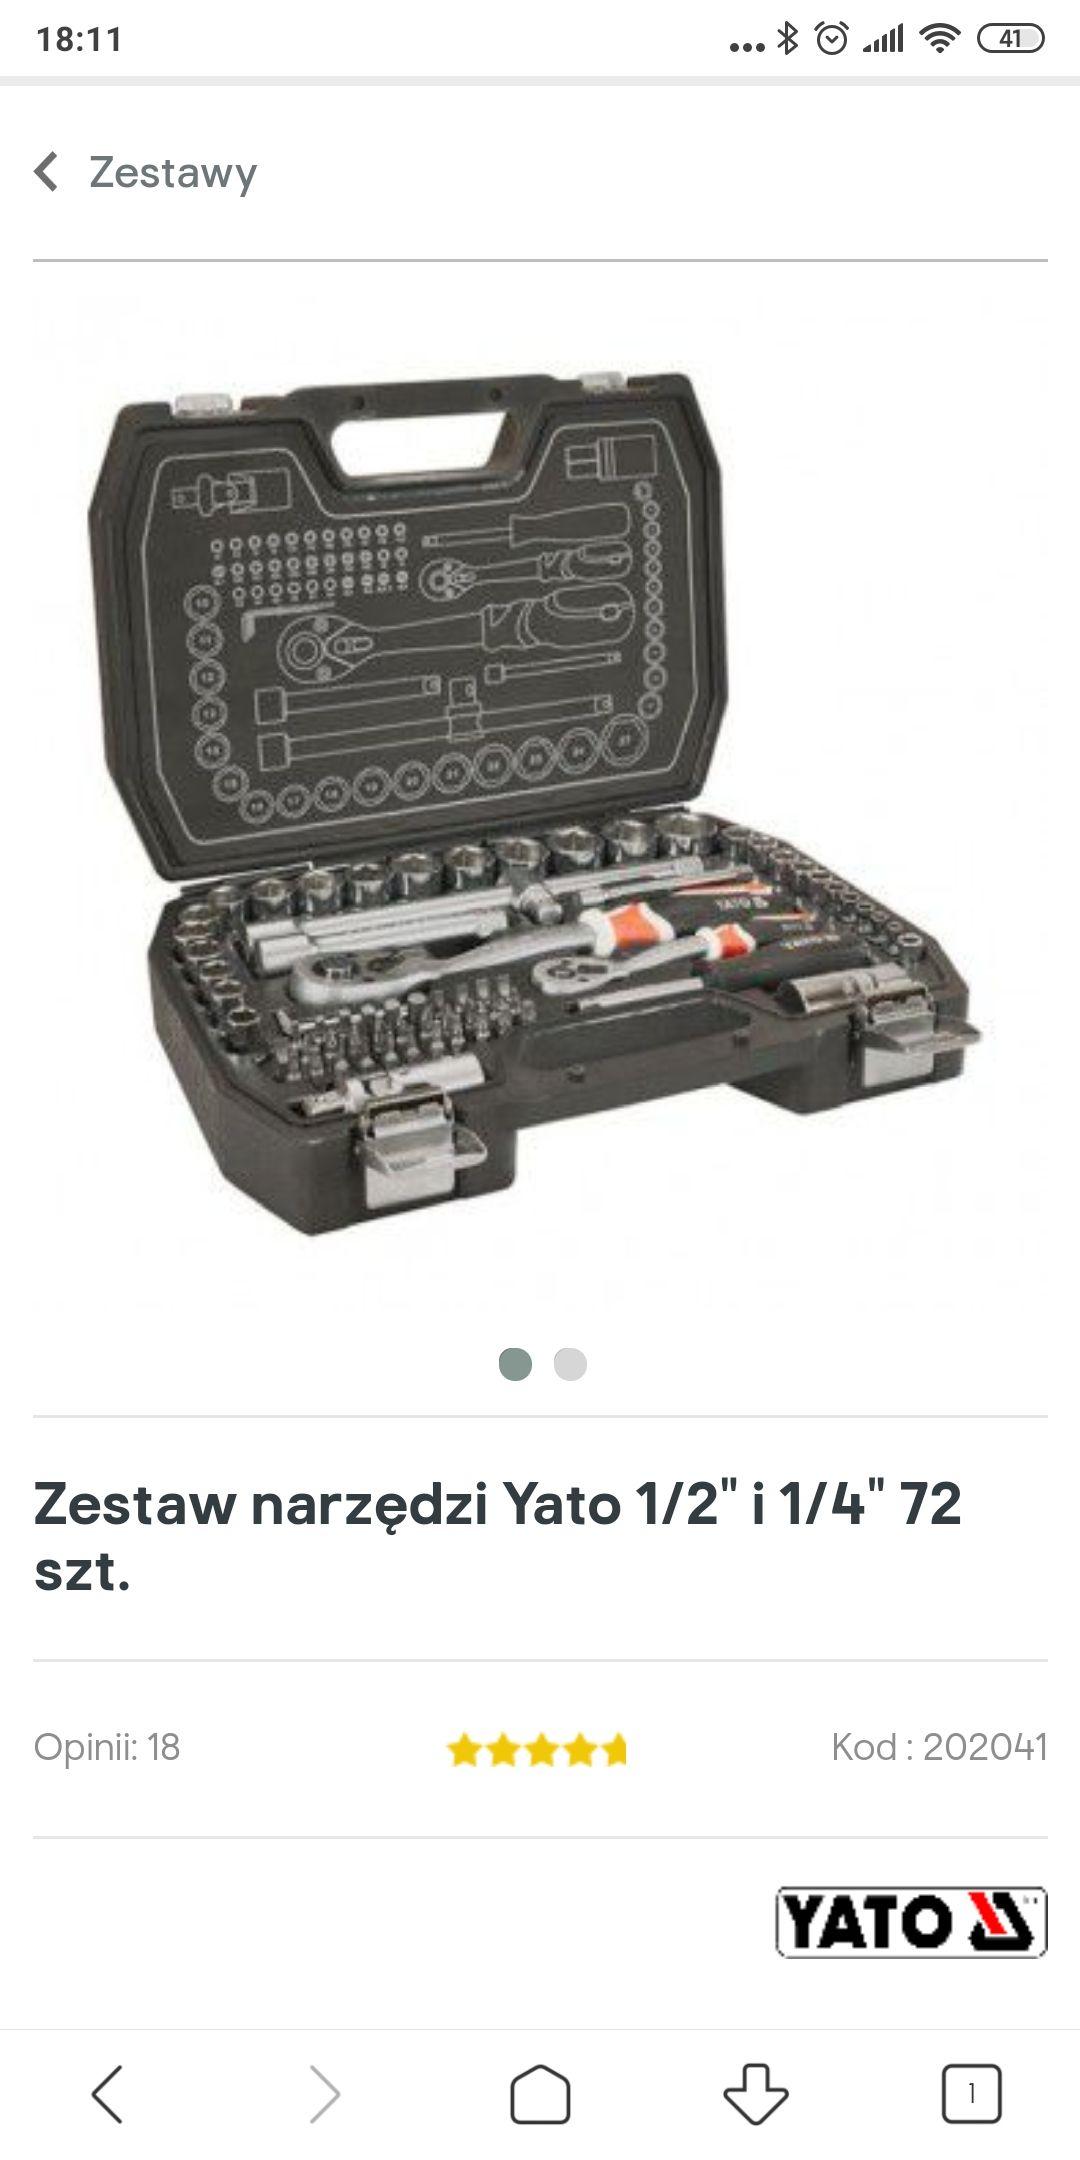 YATO Zestaw narzędzi